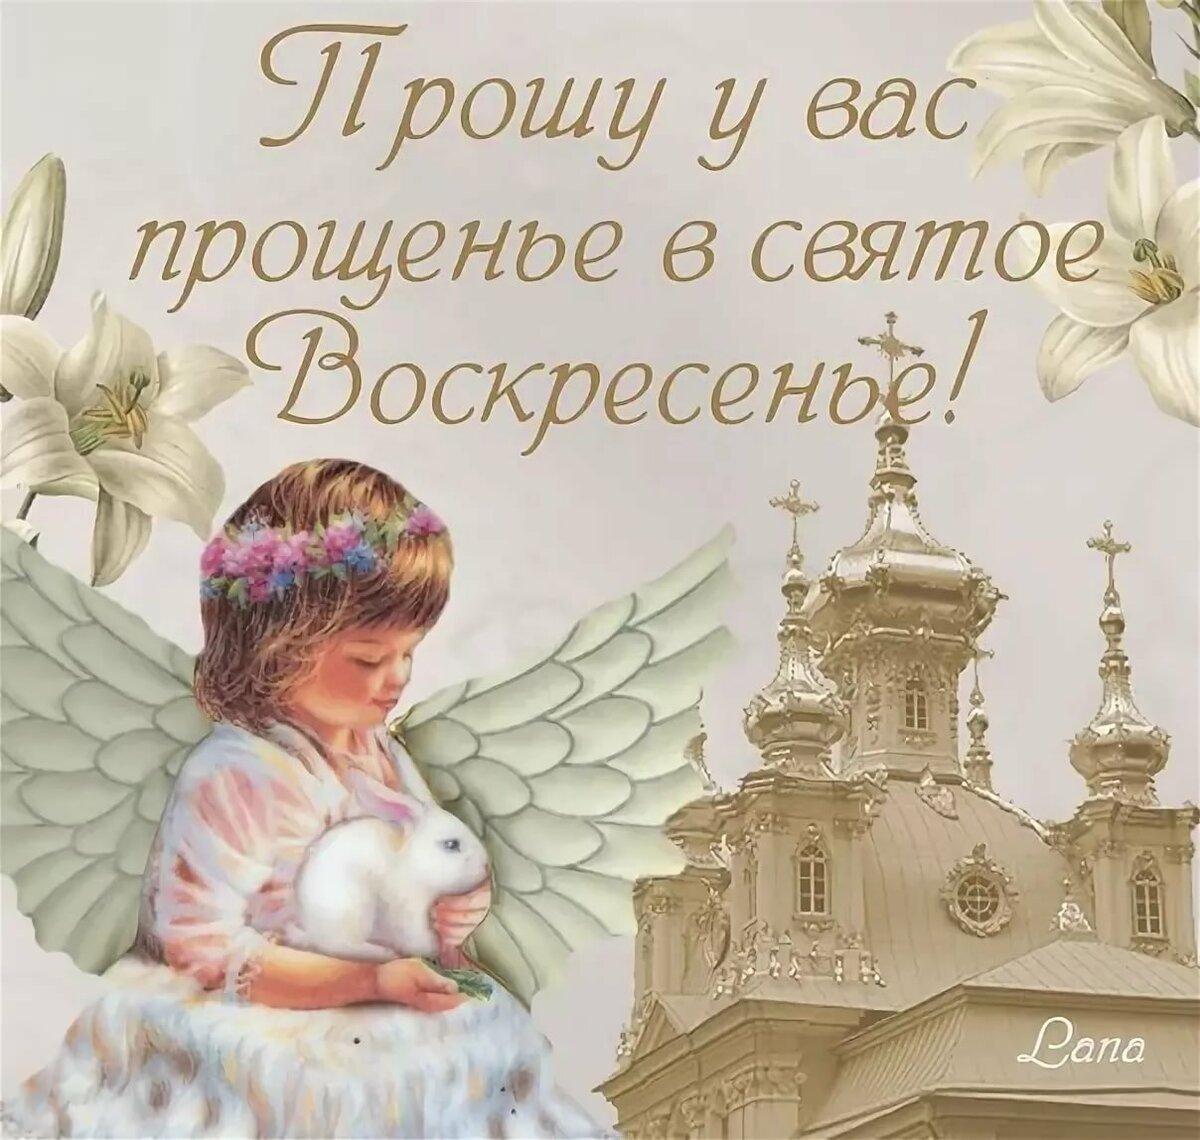 День святого воскресенья картинки гиф, татарском